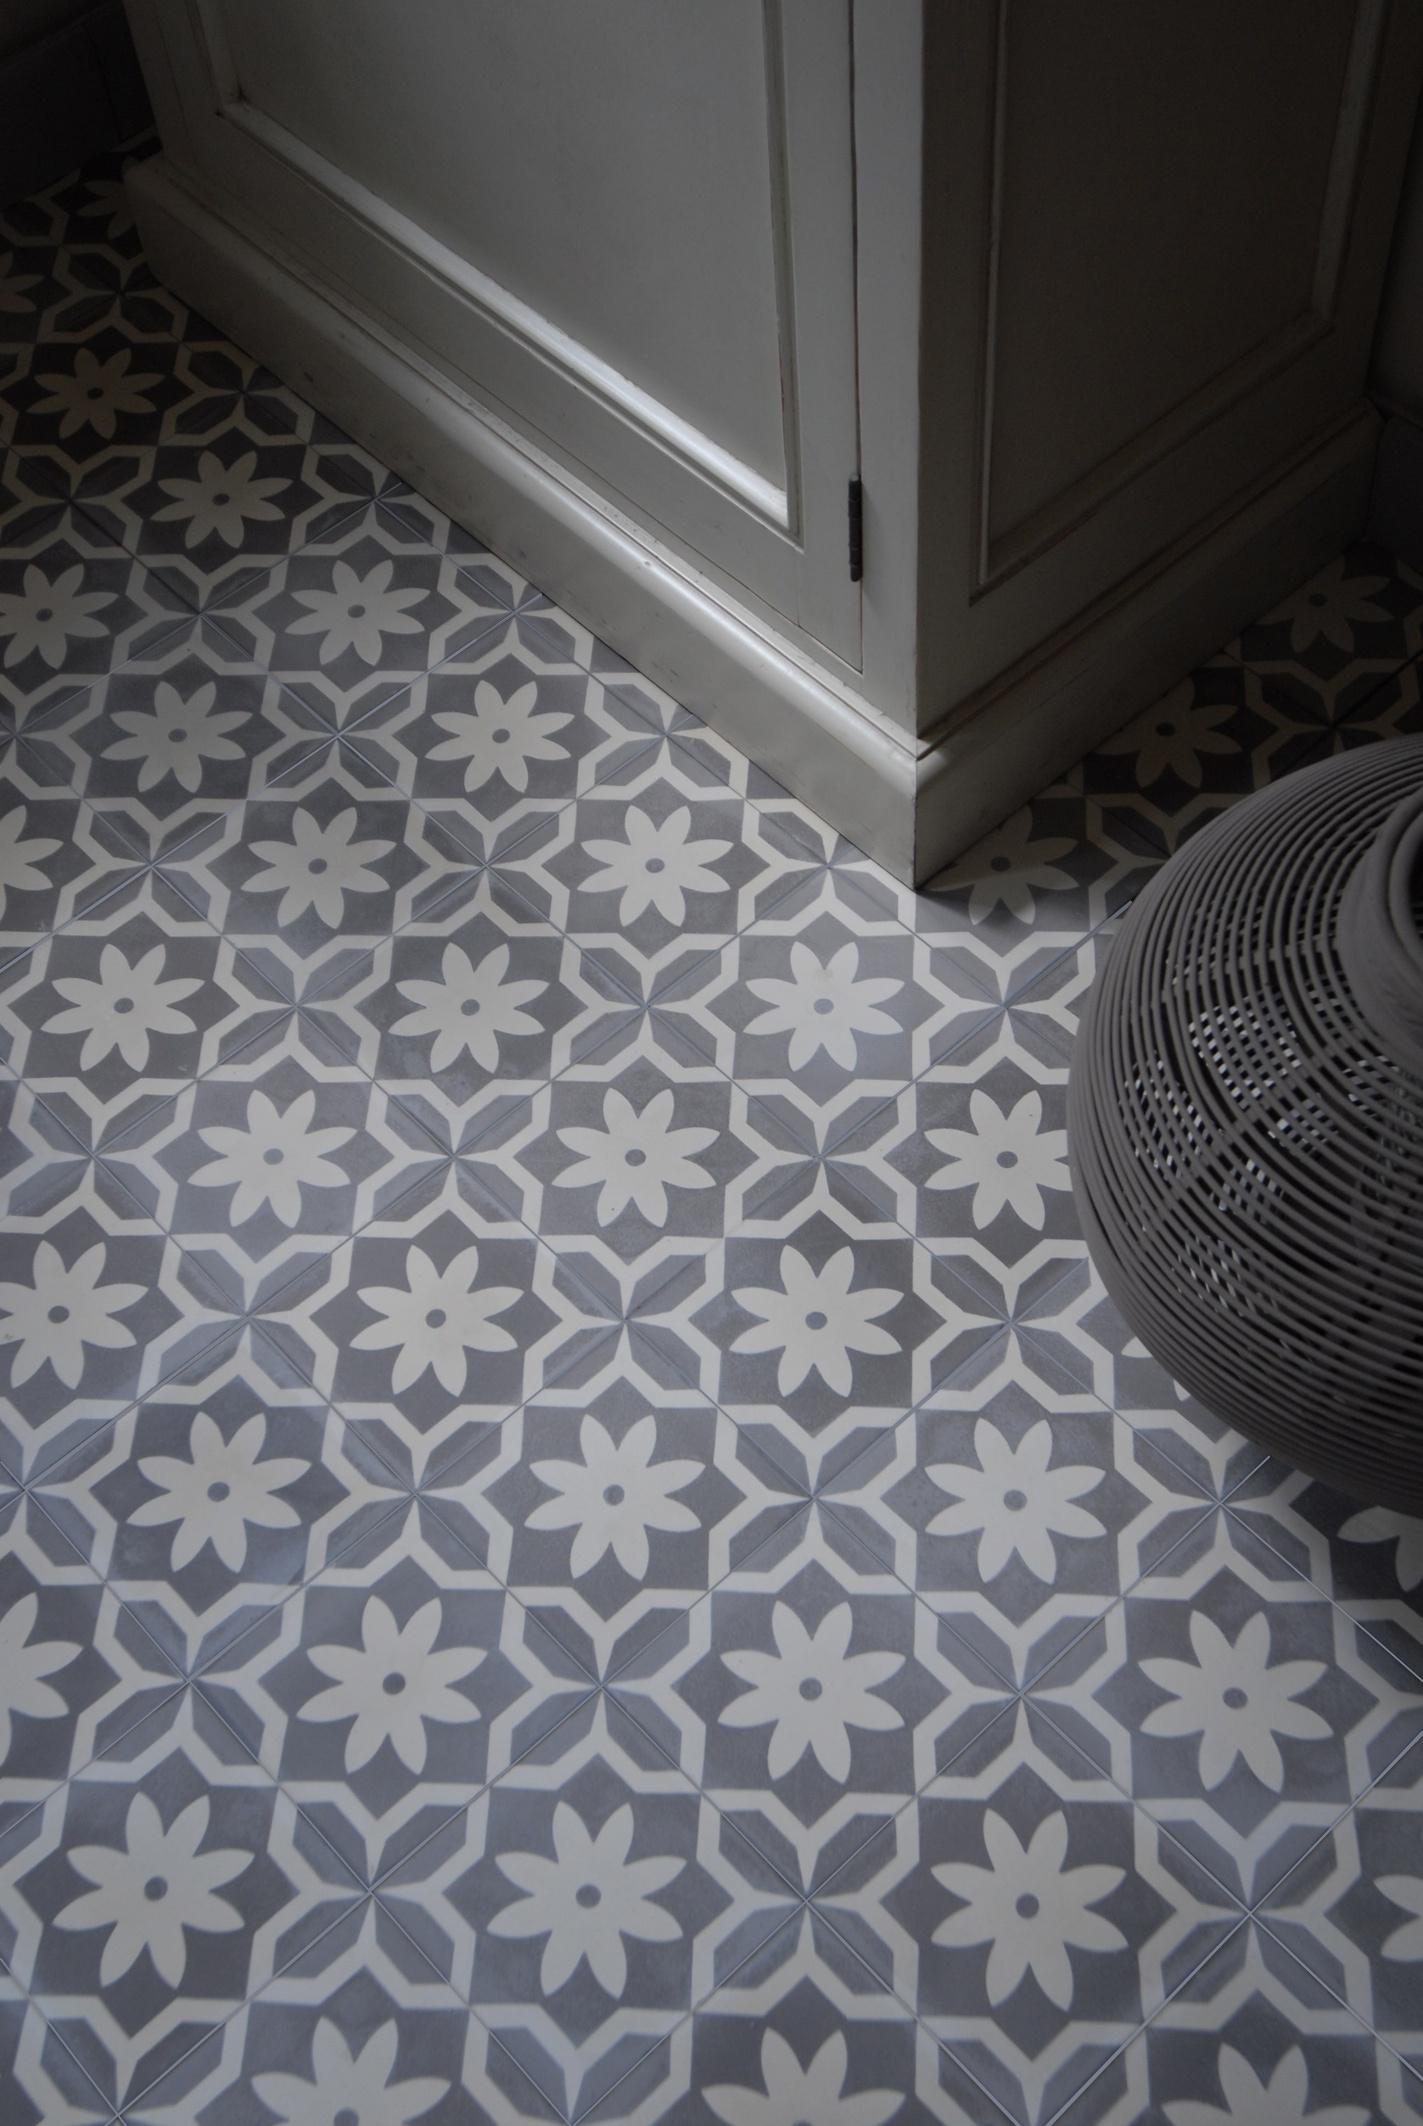 Sfeervolle vloeren van portugese cement tegels nieuws startpagina voor vloerbedekking idee n for Tegel pvc imitatie tegel cement